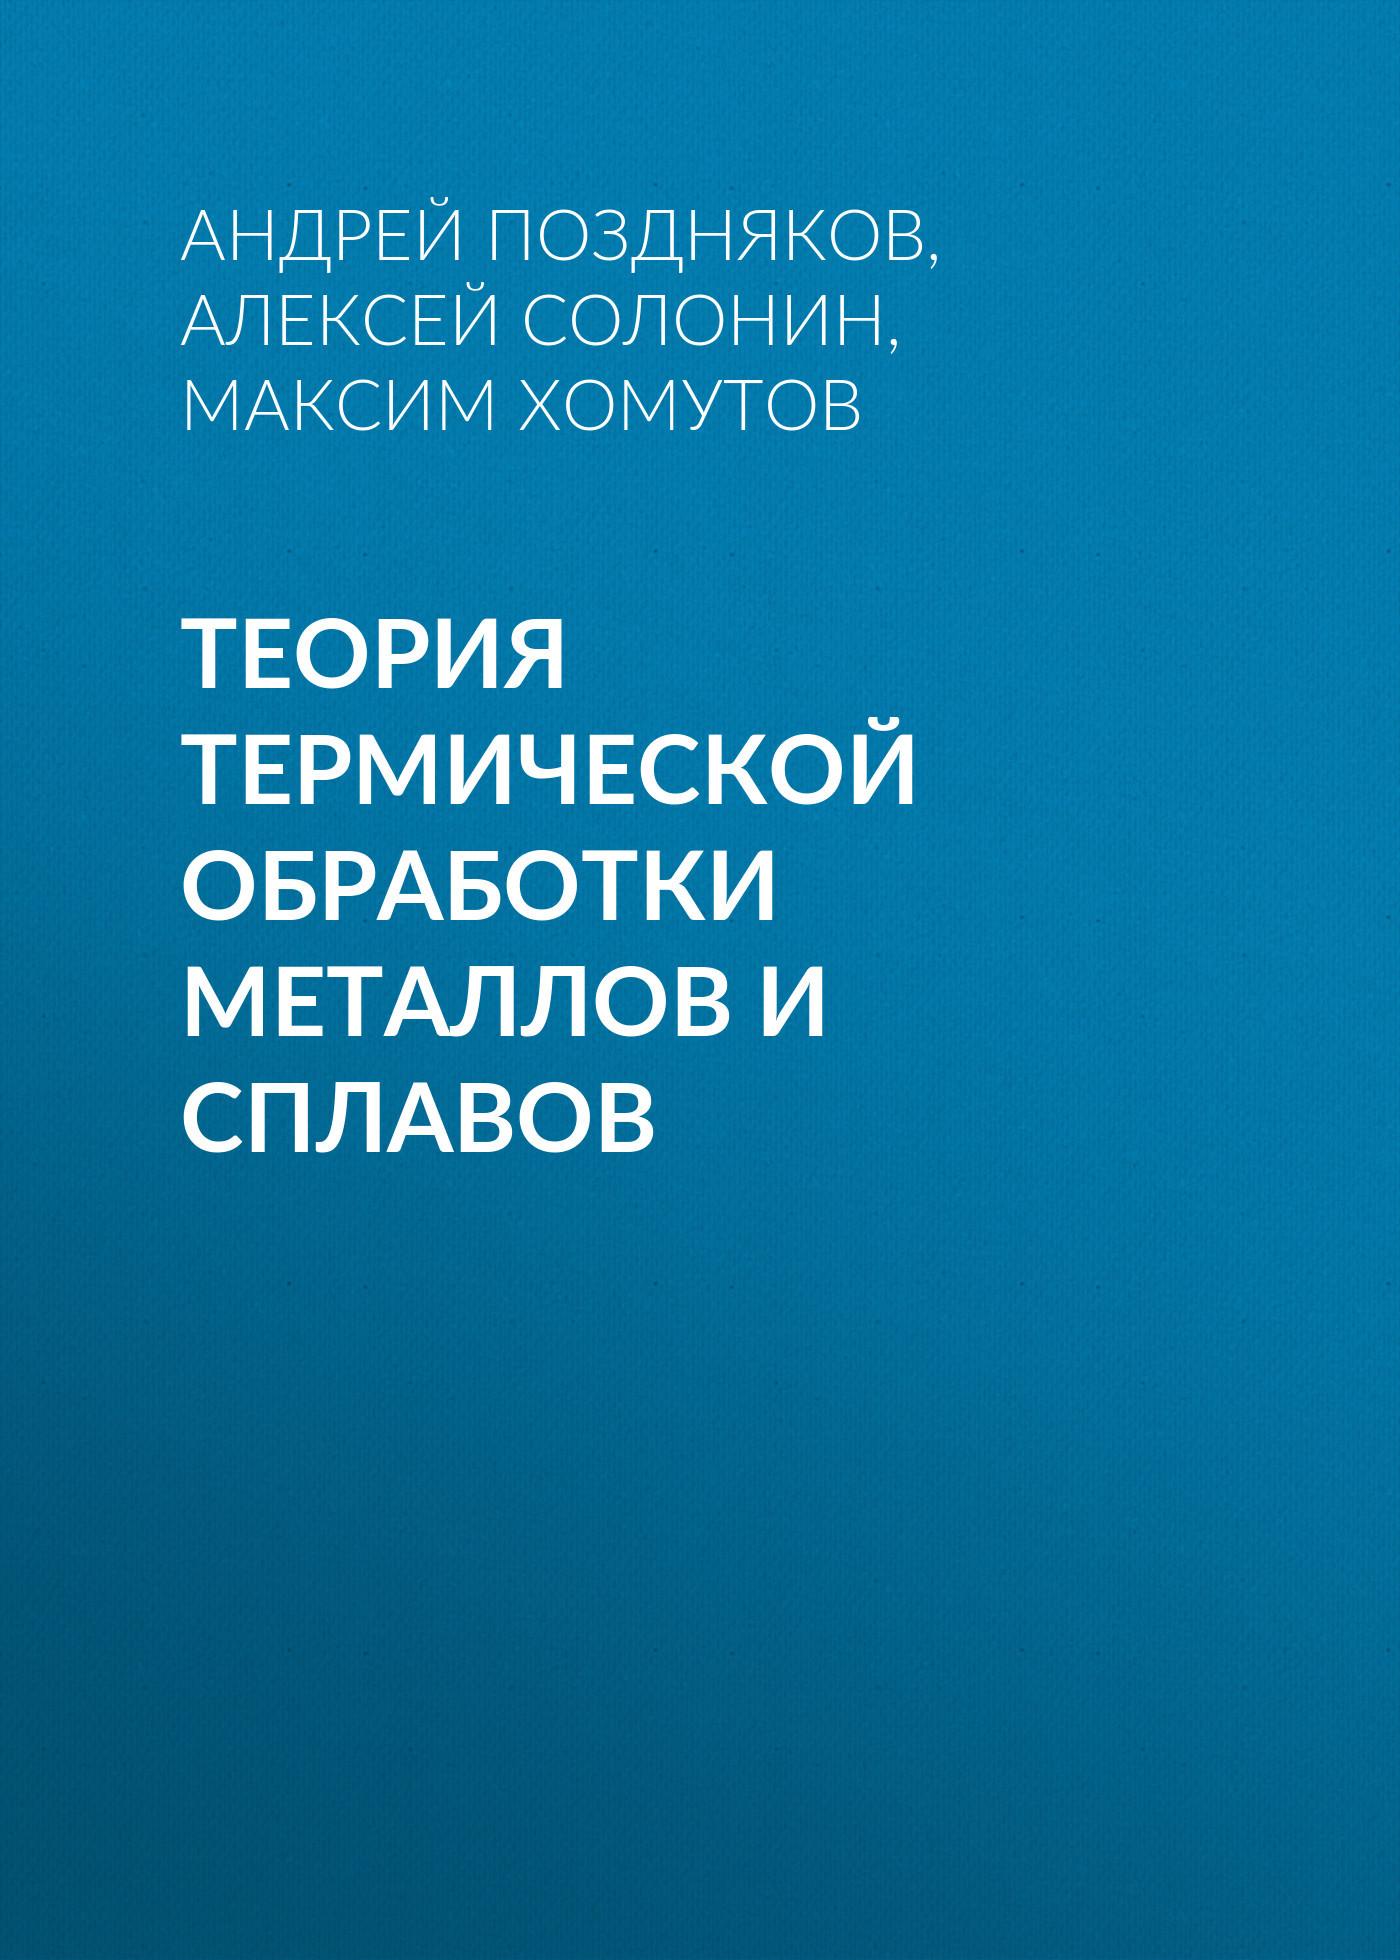 Андрей Поздняков Теория термической обработки металлов и сплавов николай белов фазовый состав алюминиевых сплавов